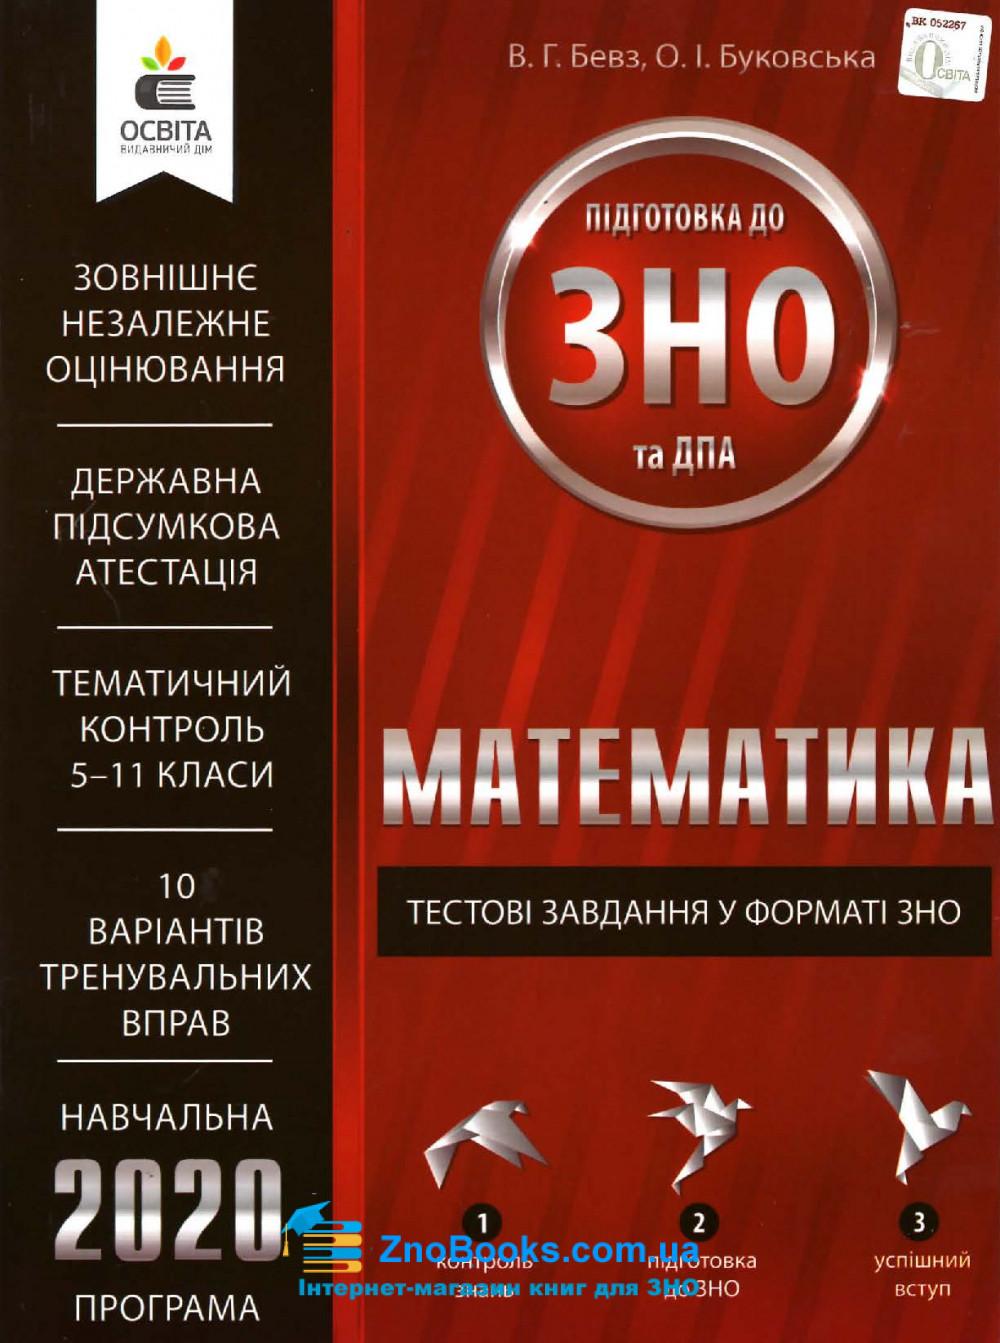 Бевз В. Математика . Тестові завдання у форматі ЗНО 2021. Освіта купити 0